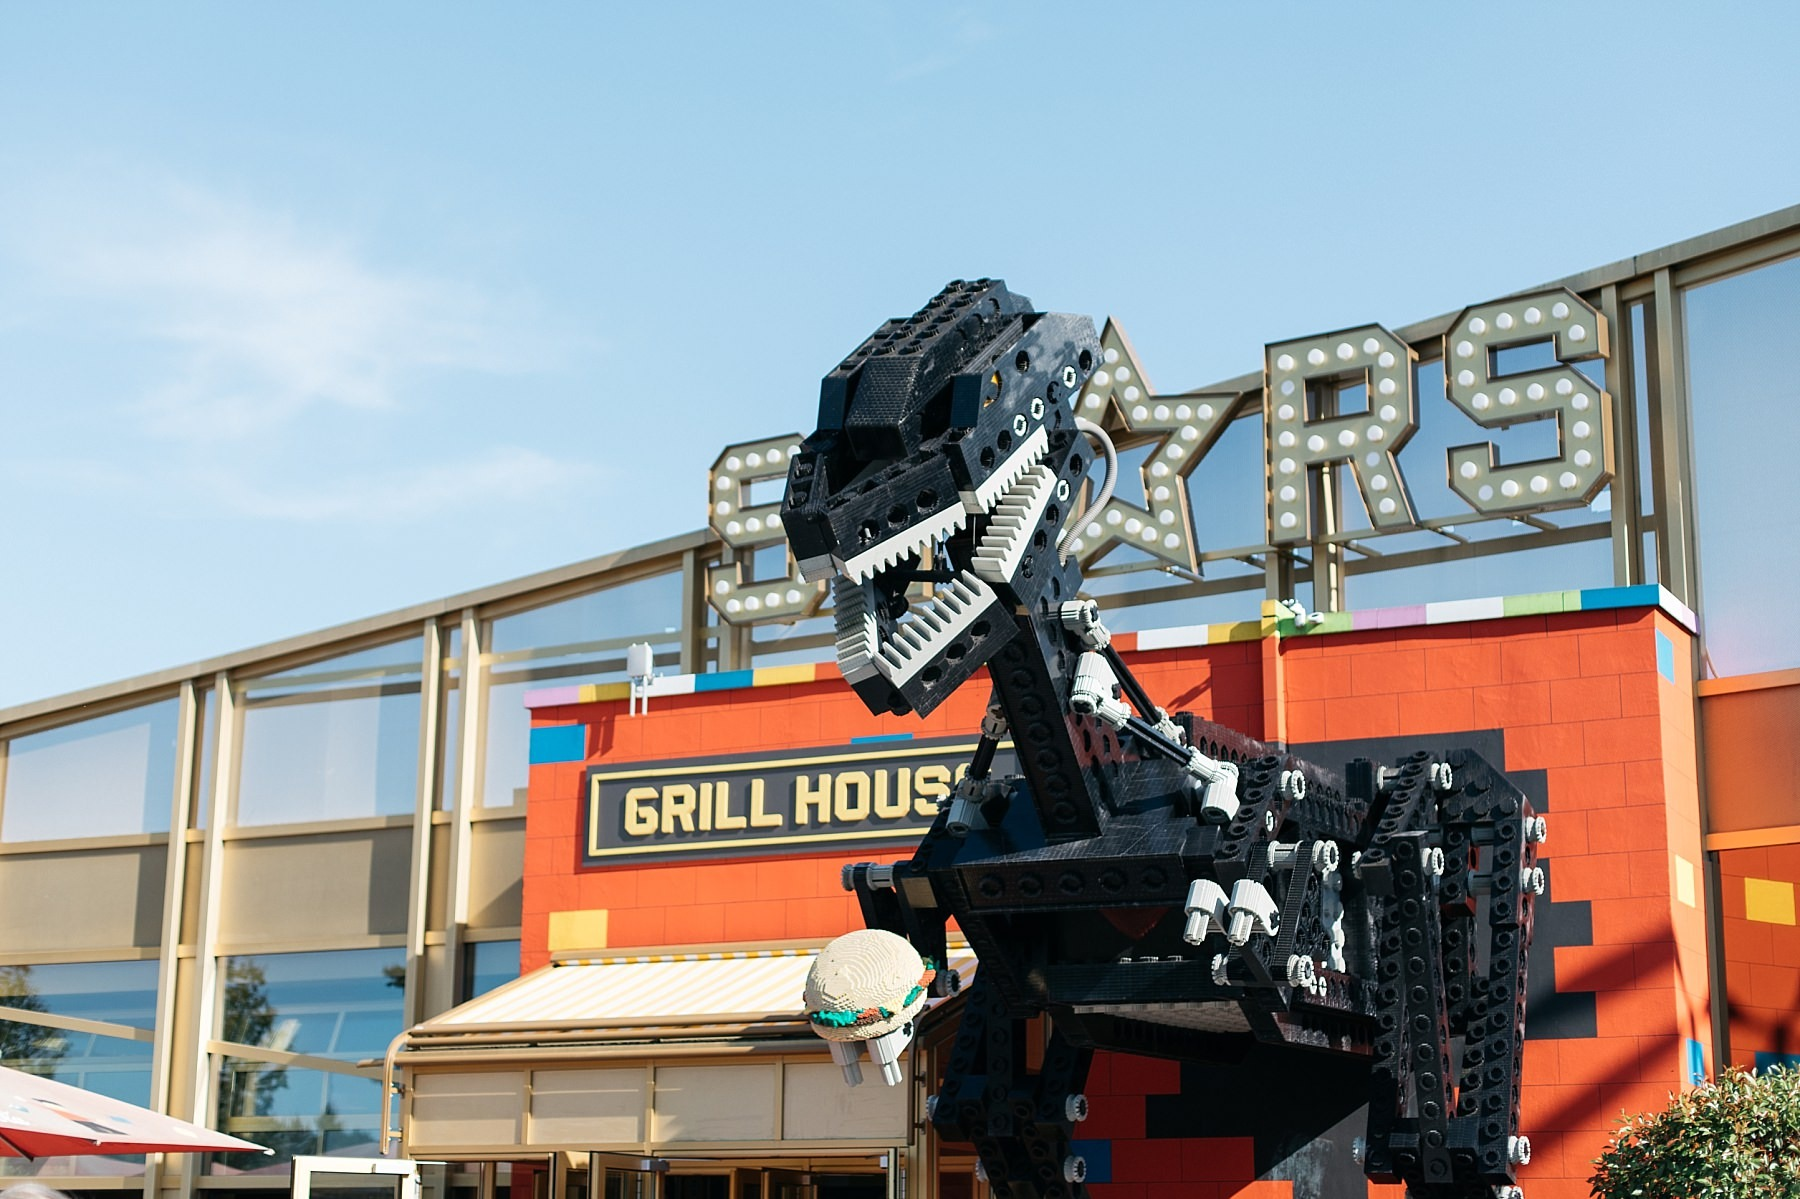 Legoland - 57 millions de briques Lego 10